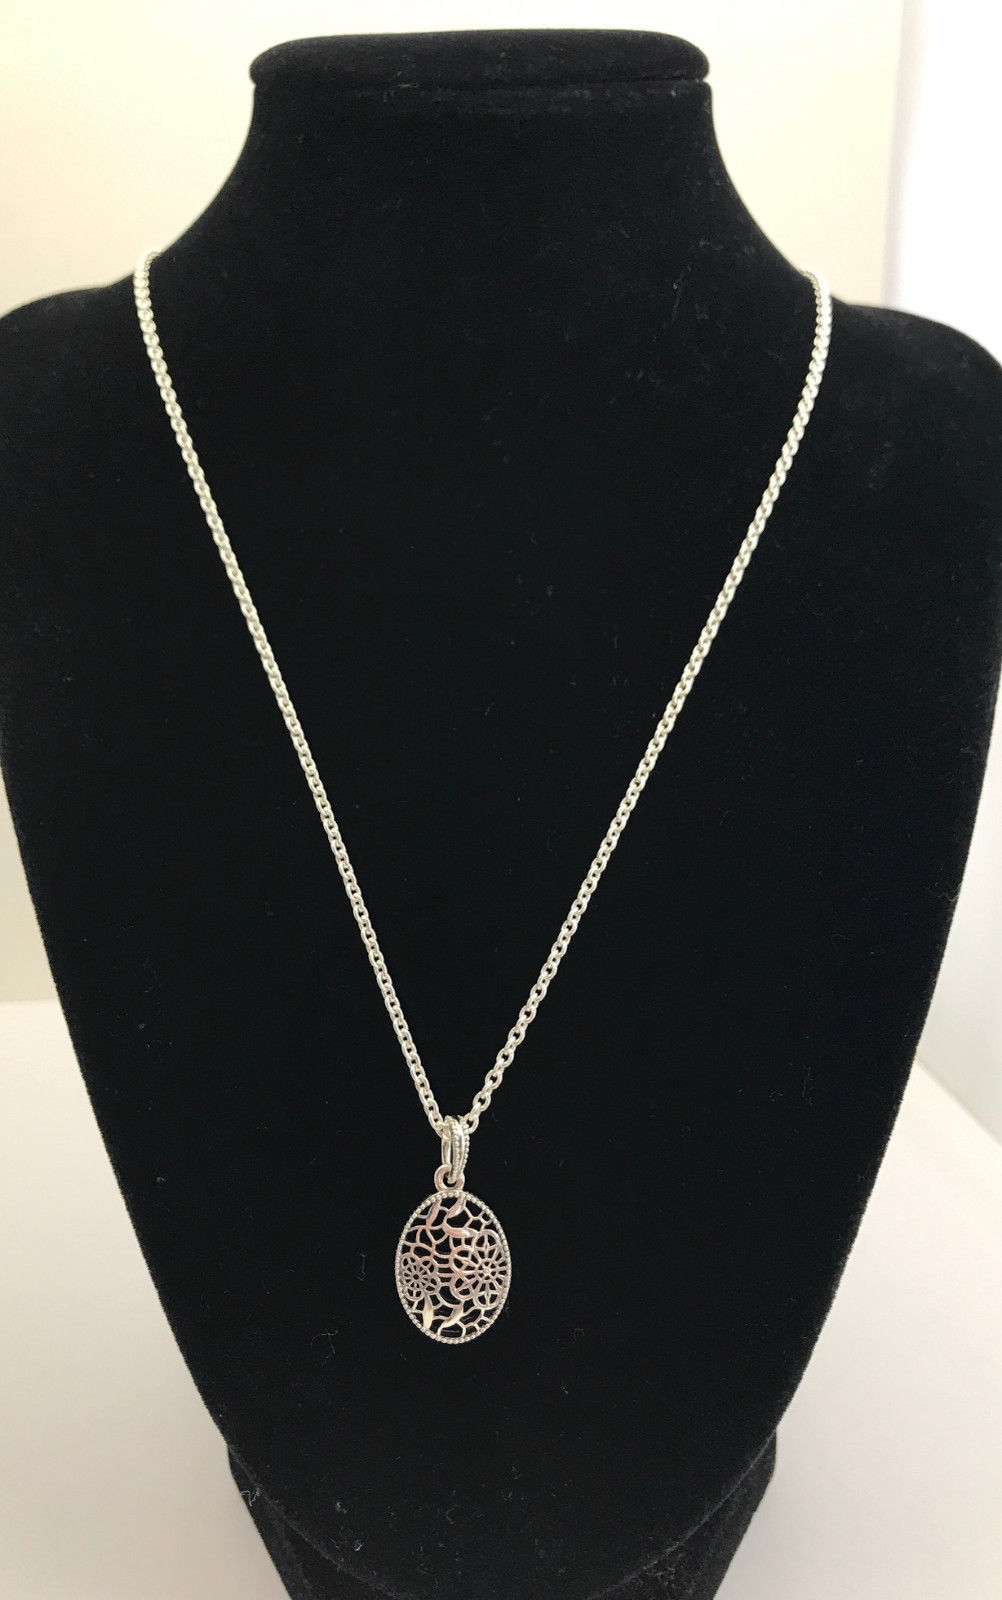 aa68e9fe7 Authentic Pandora Floral Daisy Lace Pendant Necklace, 23.6